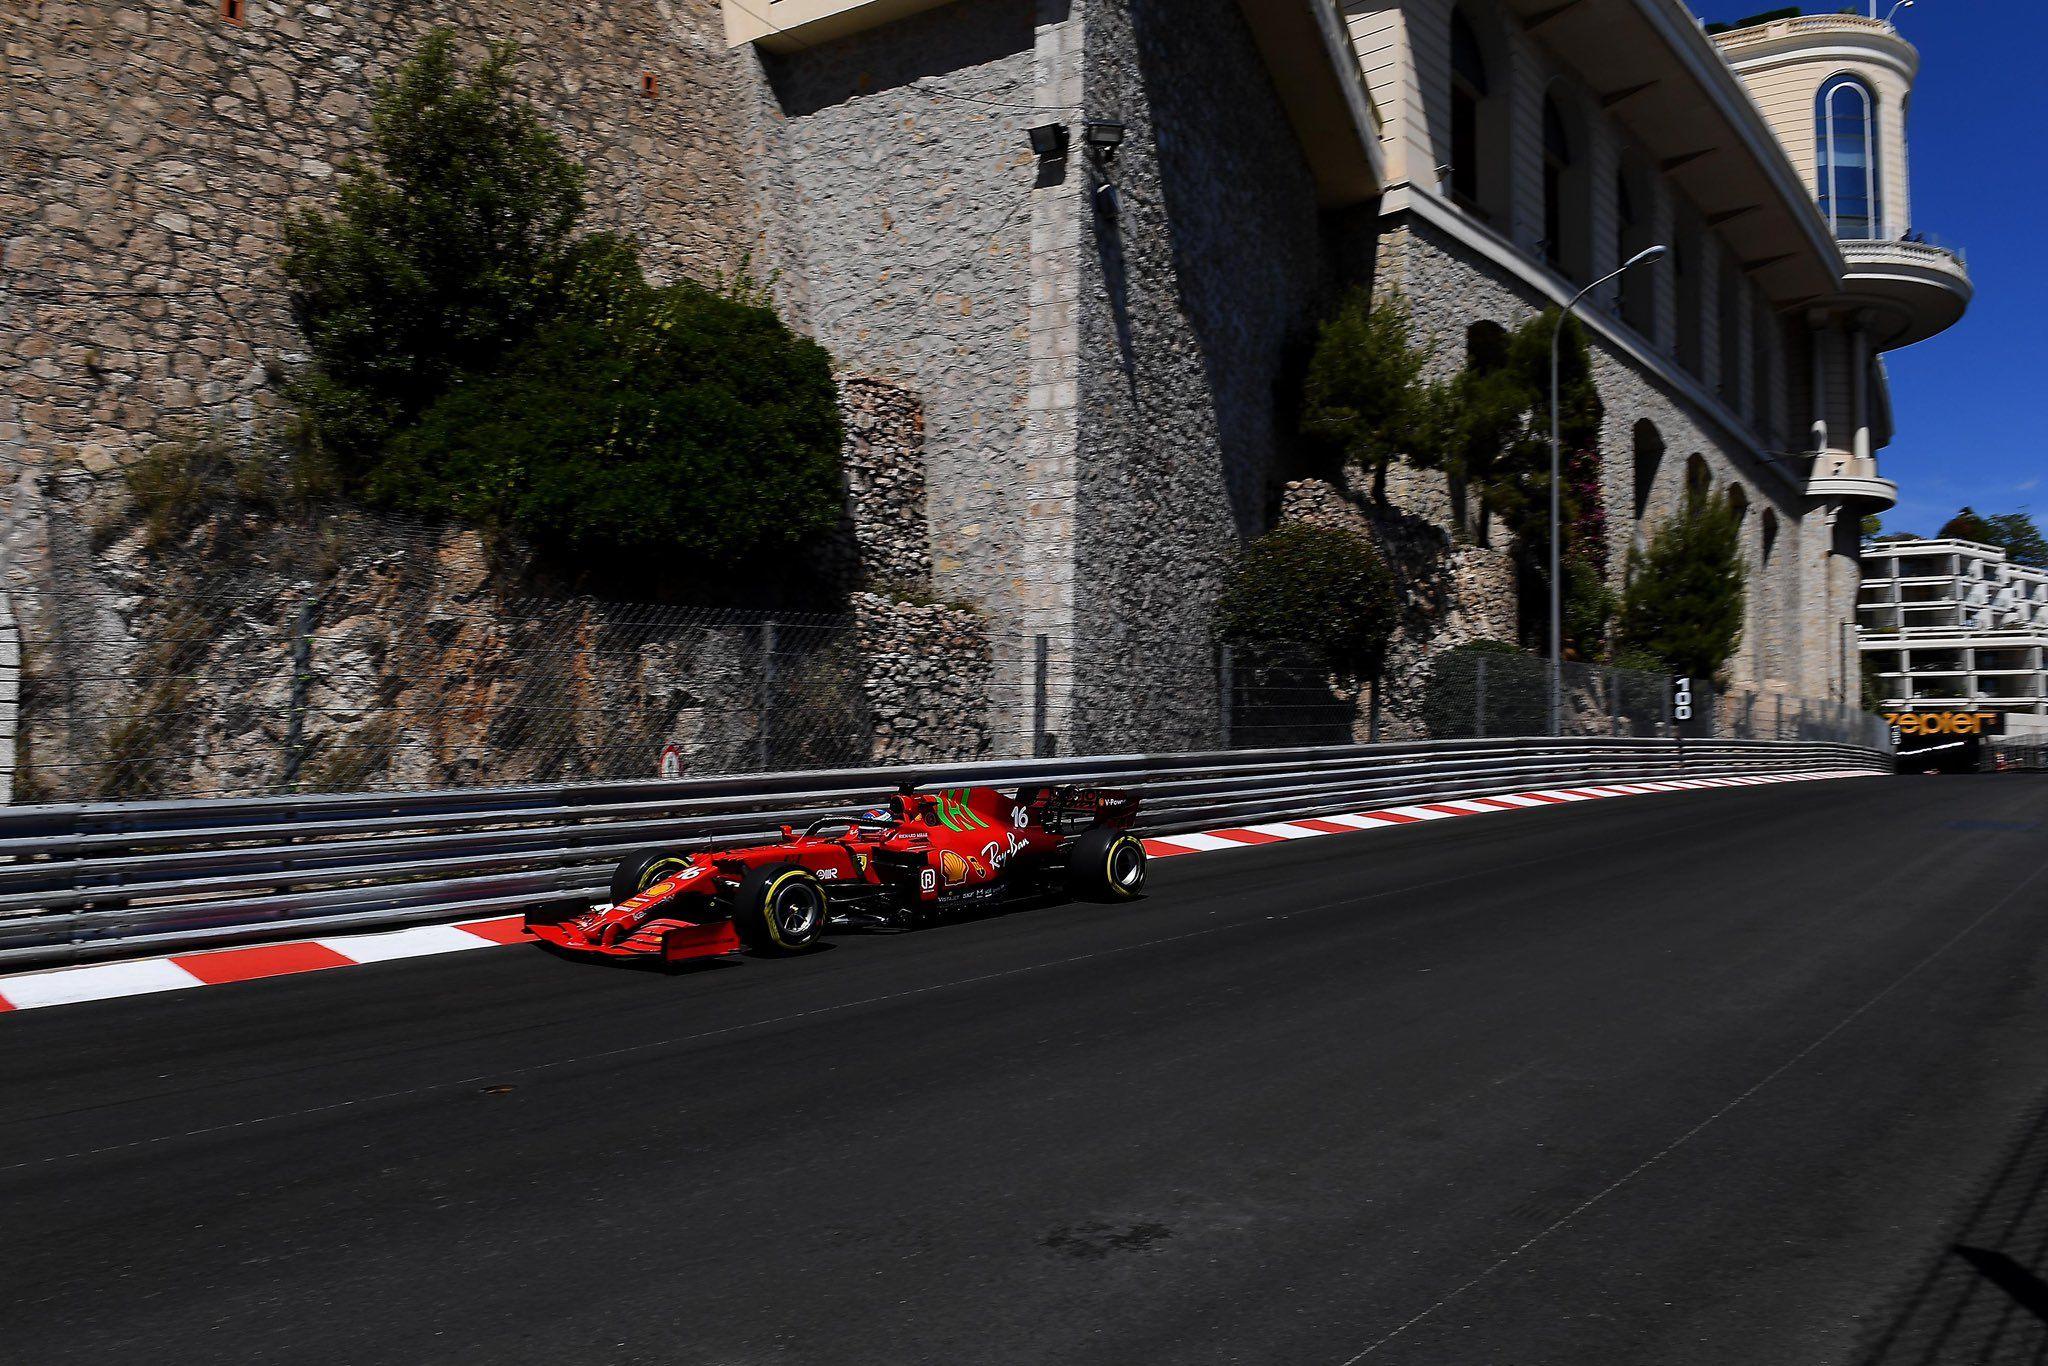 F1, Monaco GP